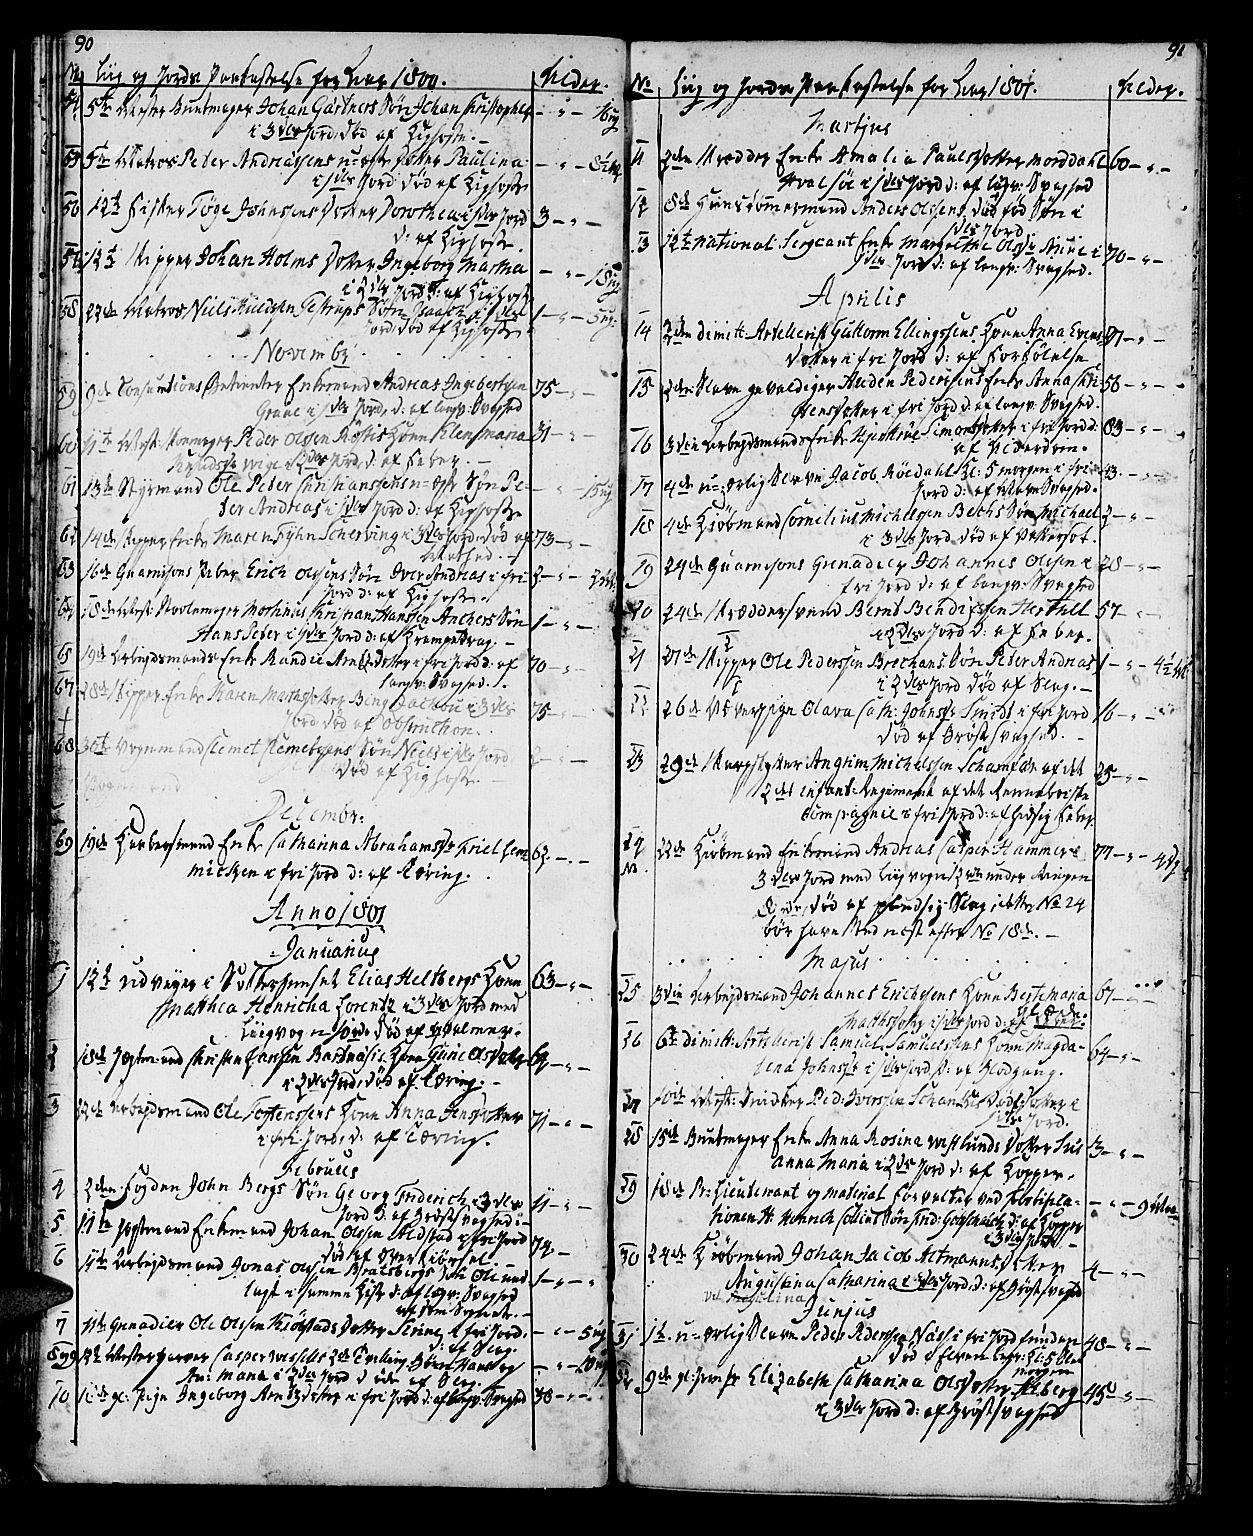 SAT, Ministerialprotokoller, klokkerbøker og fødselsregistre - Sør-Trøndelag, 602/L0134: Klokkerbok nr. 602C02, 1759-1812, s. 90-91